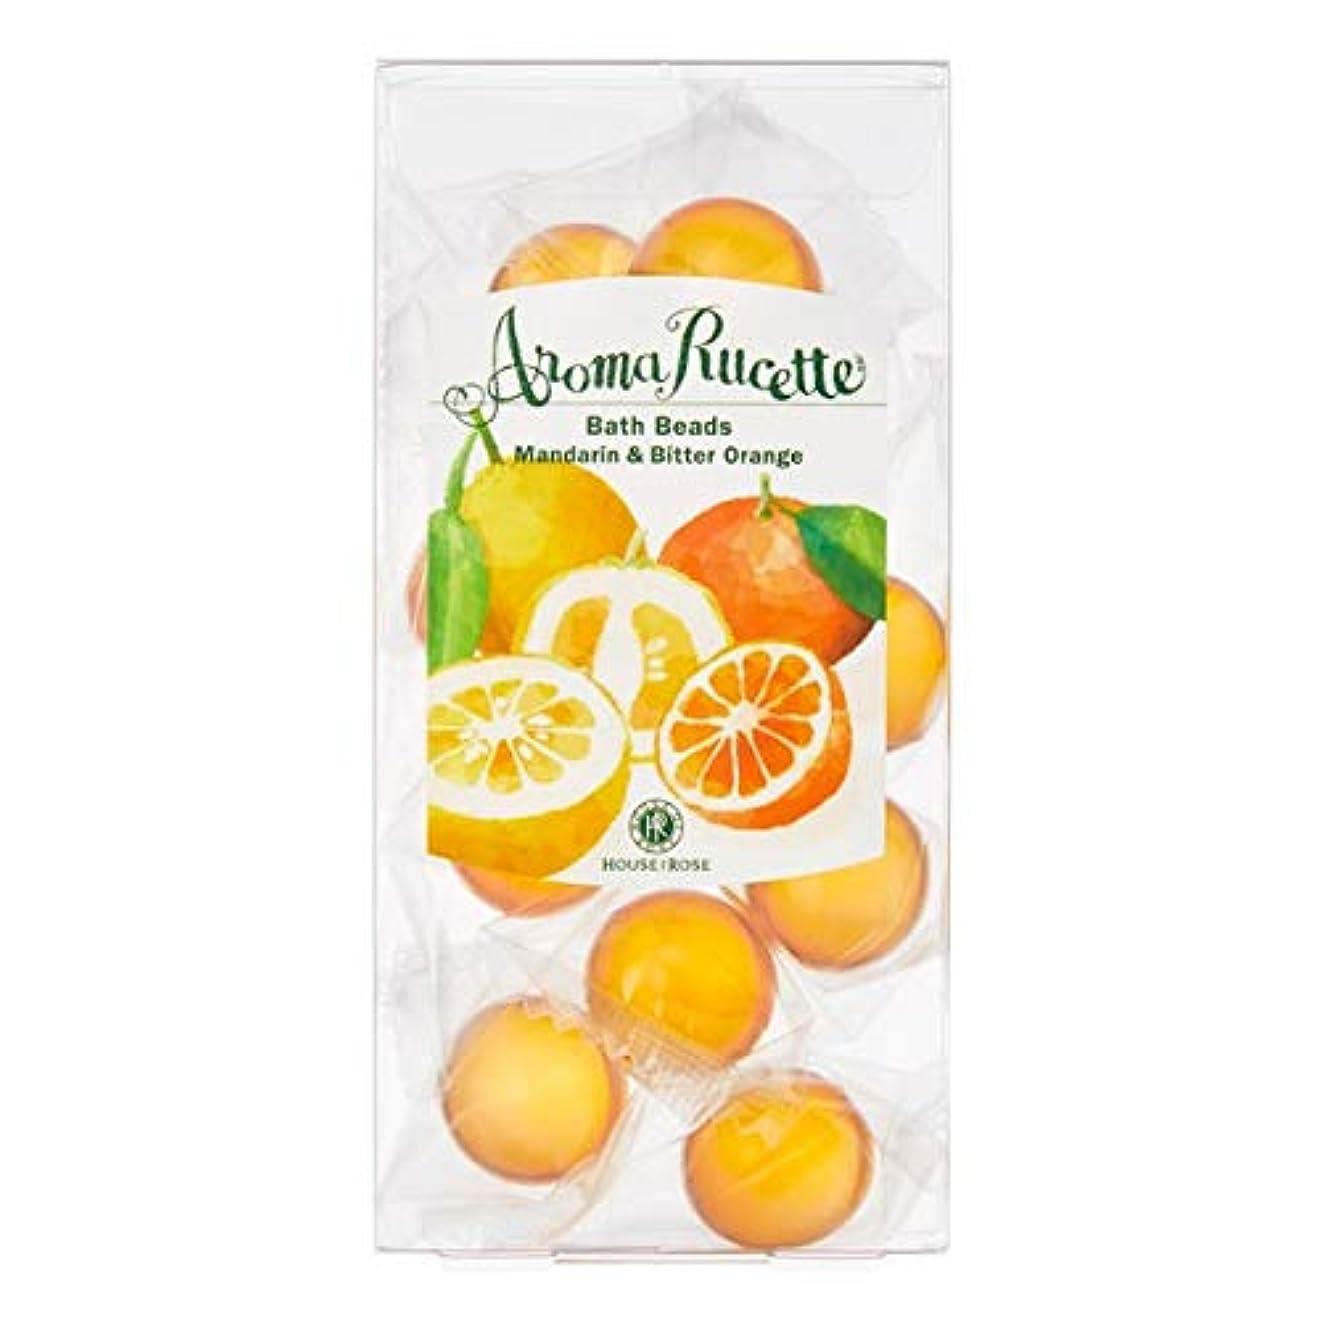 電子レンジレザー計り知れないHOUSE OF ROSE(ハウスオブローゼ) ハウスオブローゼ/アロマルセット バスビーズ MD&BO(マンダリン&ビターオレンジの香り) 7g×11個